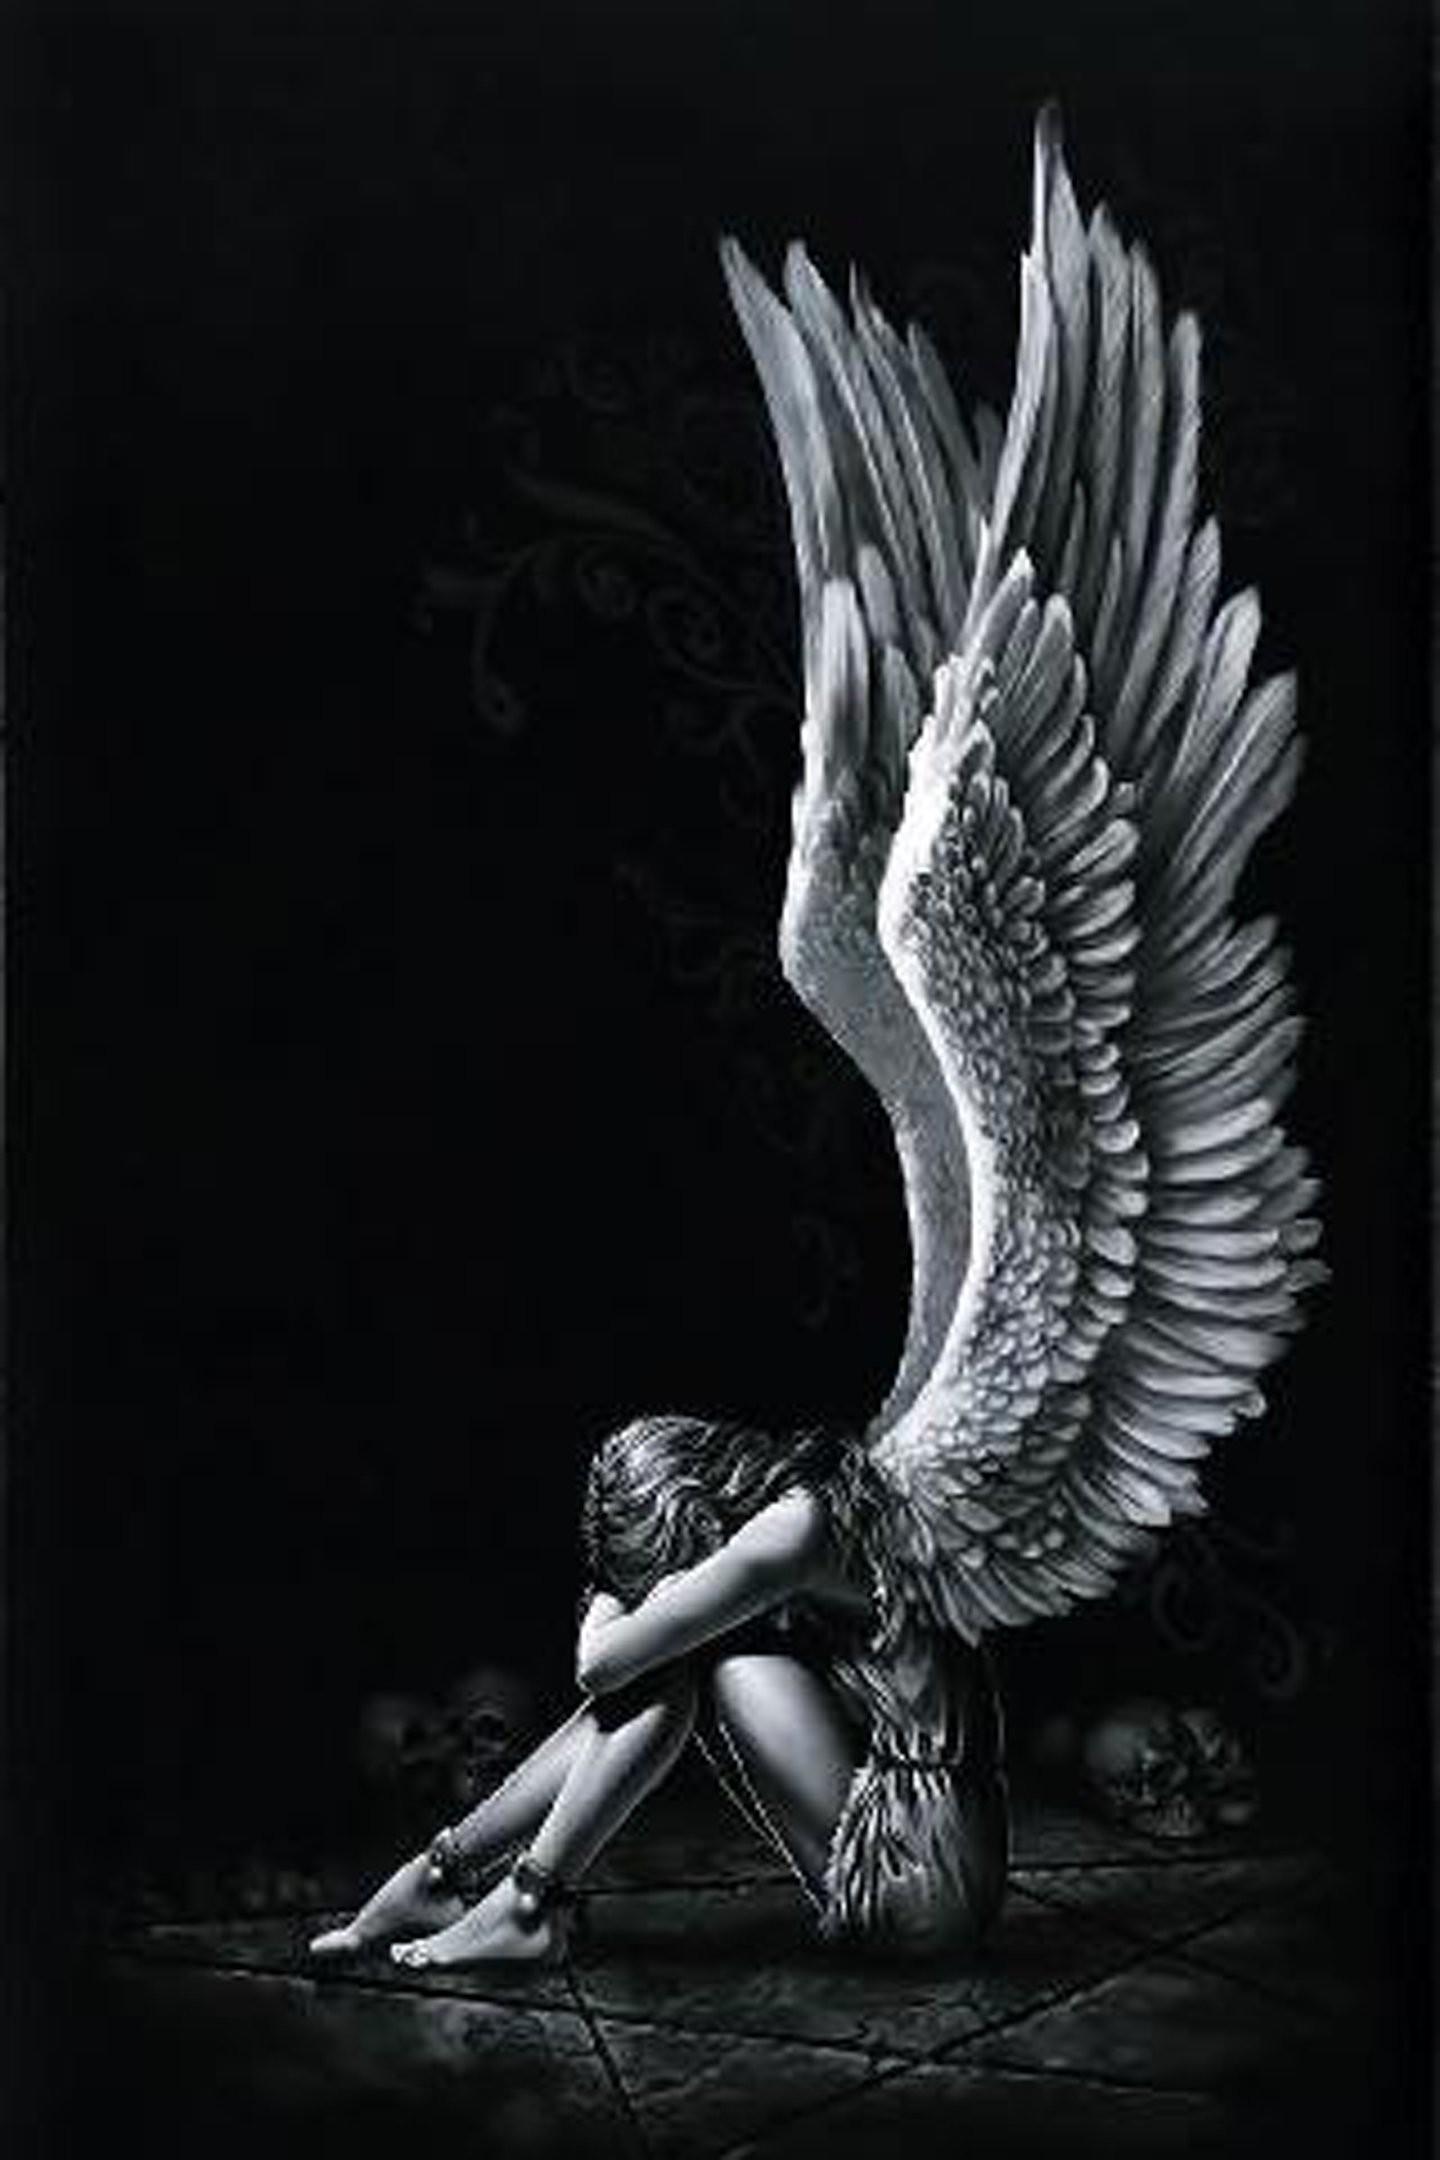 Angel girl wings fantasy alone light black white wallpaper | |  571221 | WallpaperUP